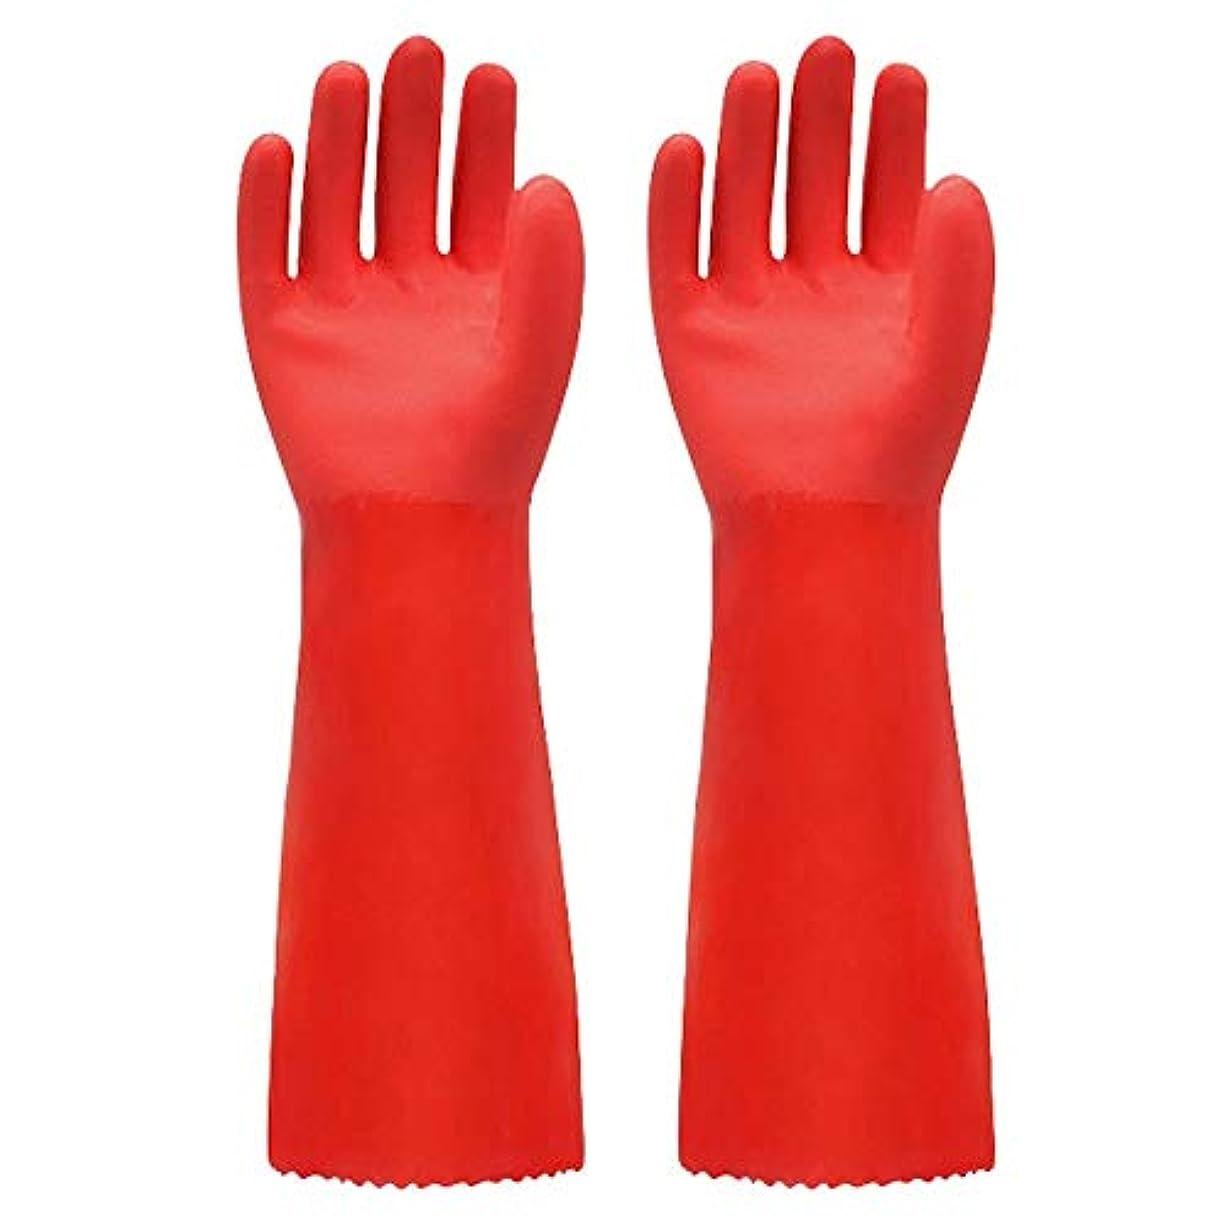 動脈チェスをする金銭的なニトリルゴム手袋 ゴム手袋長く暖かいとビロードのゴム製防水と耐久性のある手袋、1ペア 使い捨て手袋 (Color : RED, Size : L)